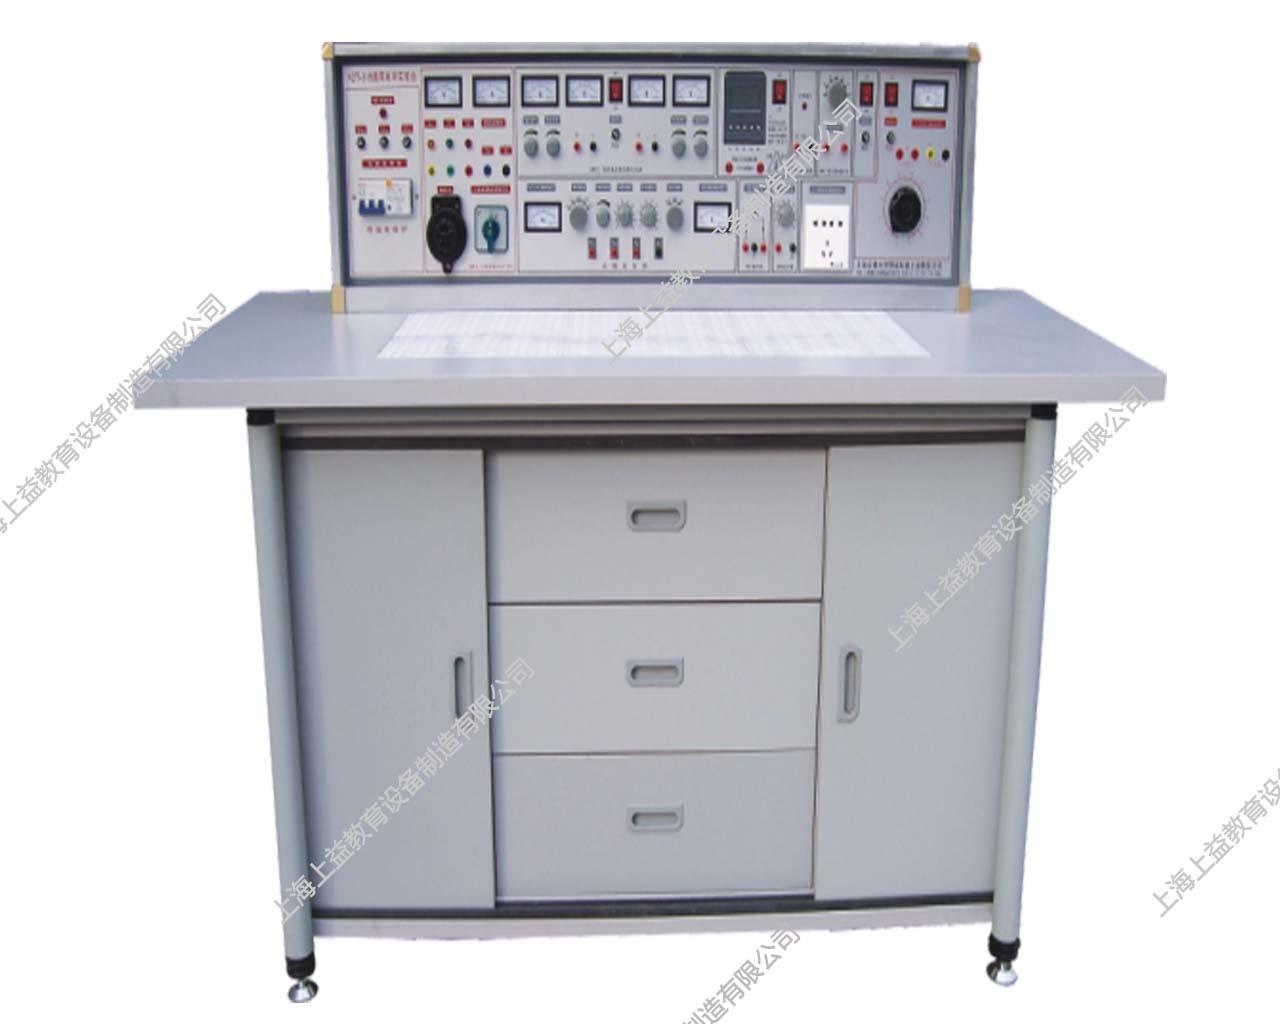 SYJZD-987D通用电工、电子、电拖实验与电工、电子、电拖技能wwwlehu8viplehu68vip实验室成套设备(实验与wwwlehu8viplehu68vip二选一)